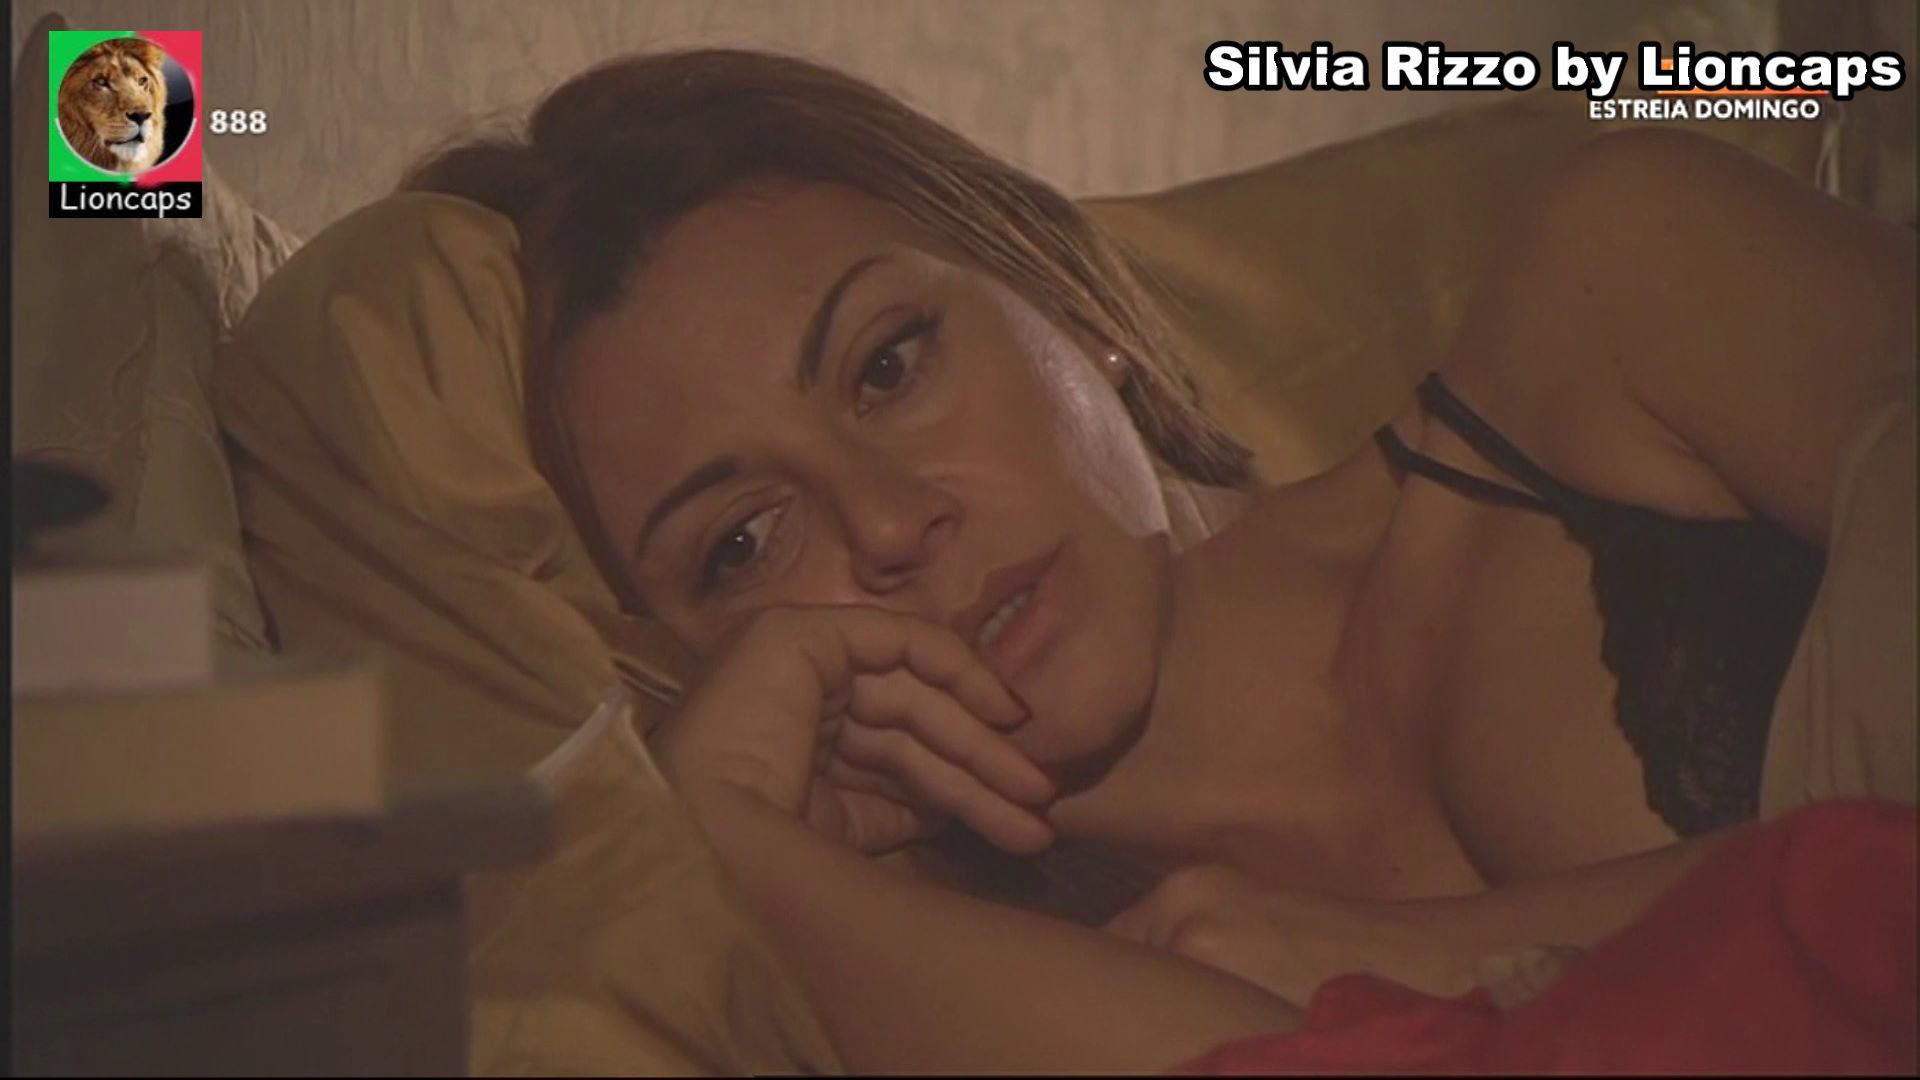 878369622_silvia_rizzo_vs181215_1035_122_446lo.JPG